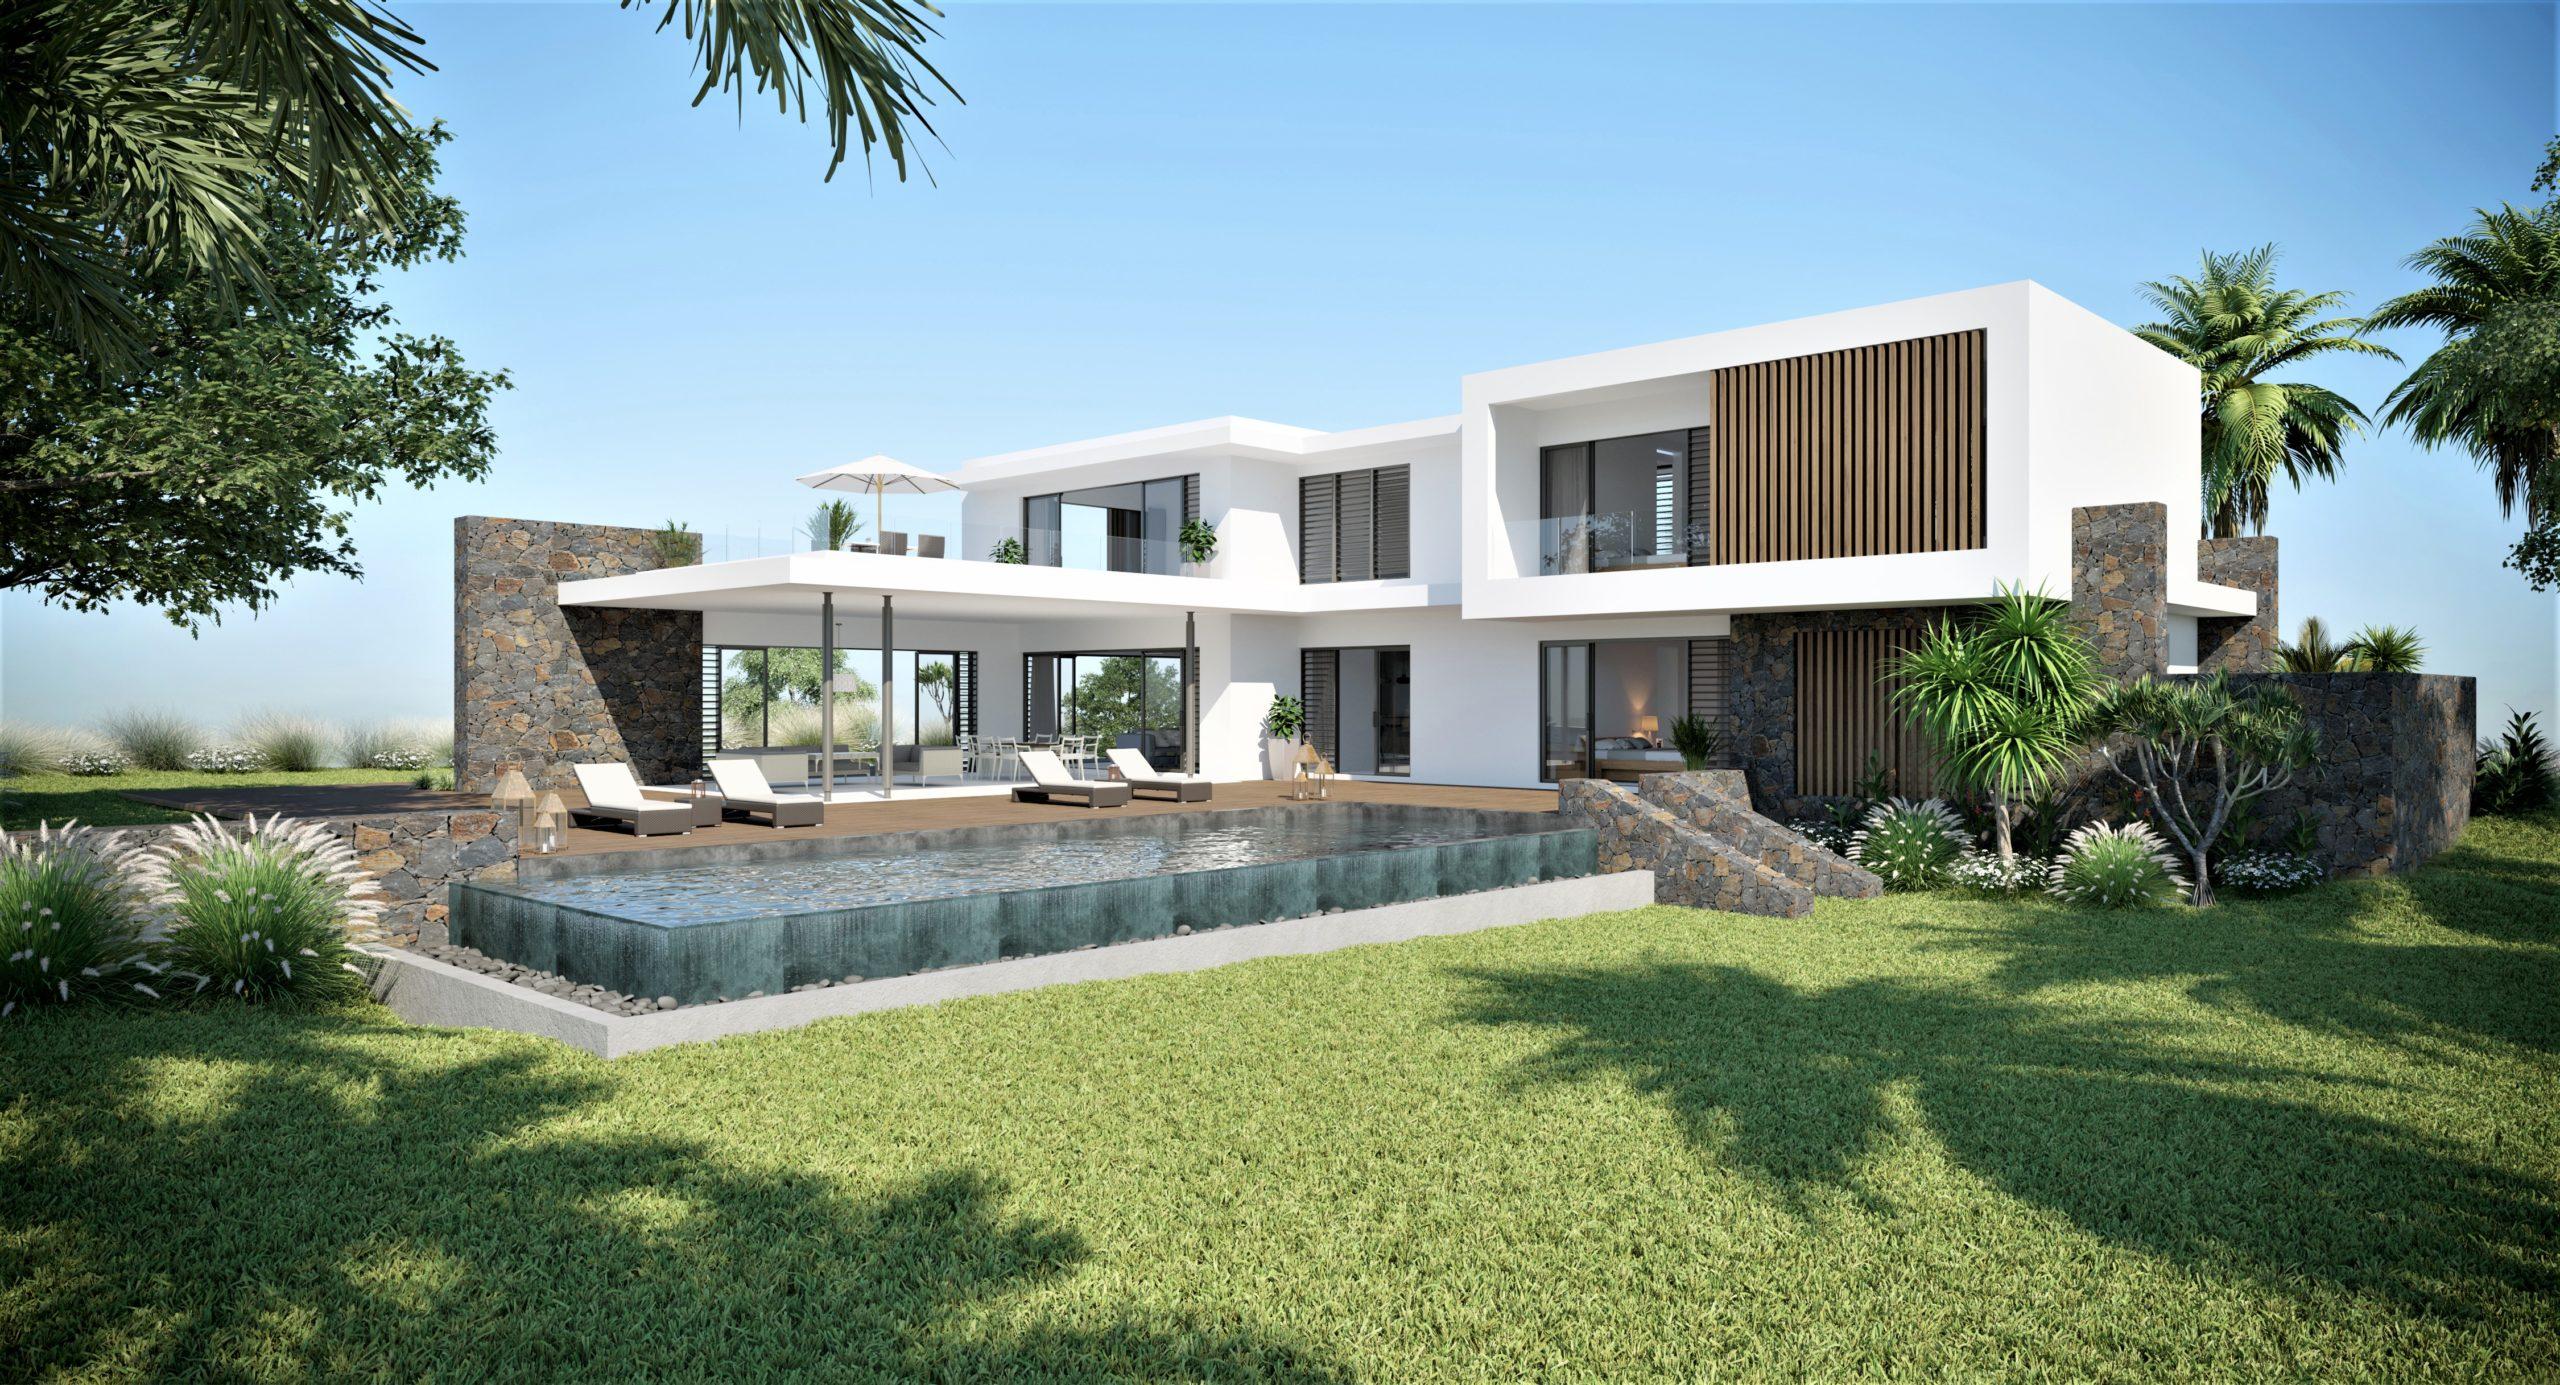 Maison/villa – 3 chambres – 396 m² Beau Champ, Est île Maurice